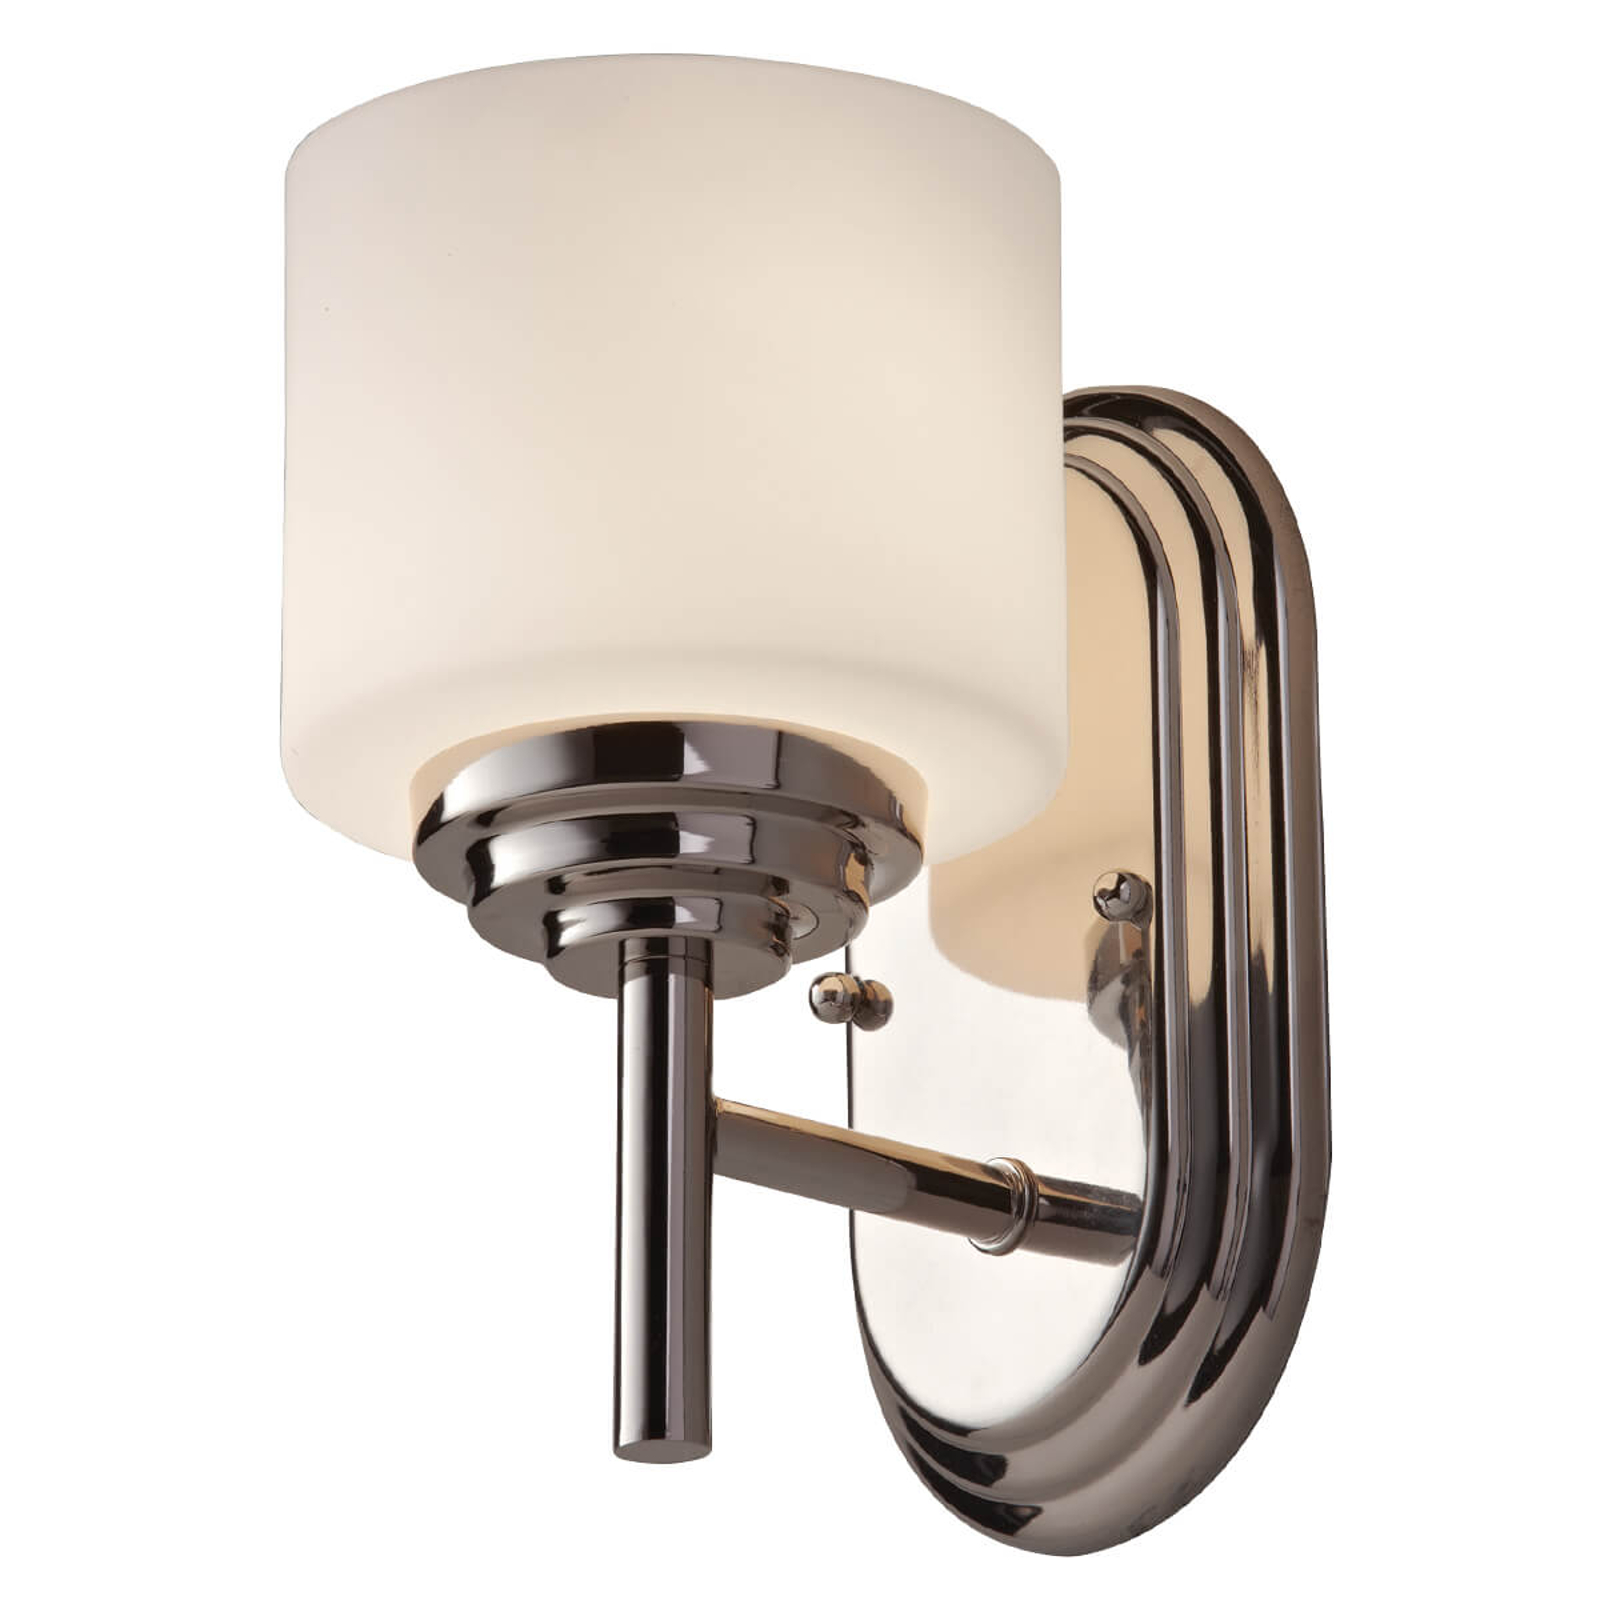 Badkamer wandlamp Malibu